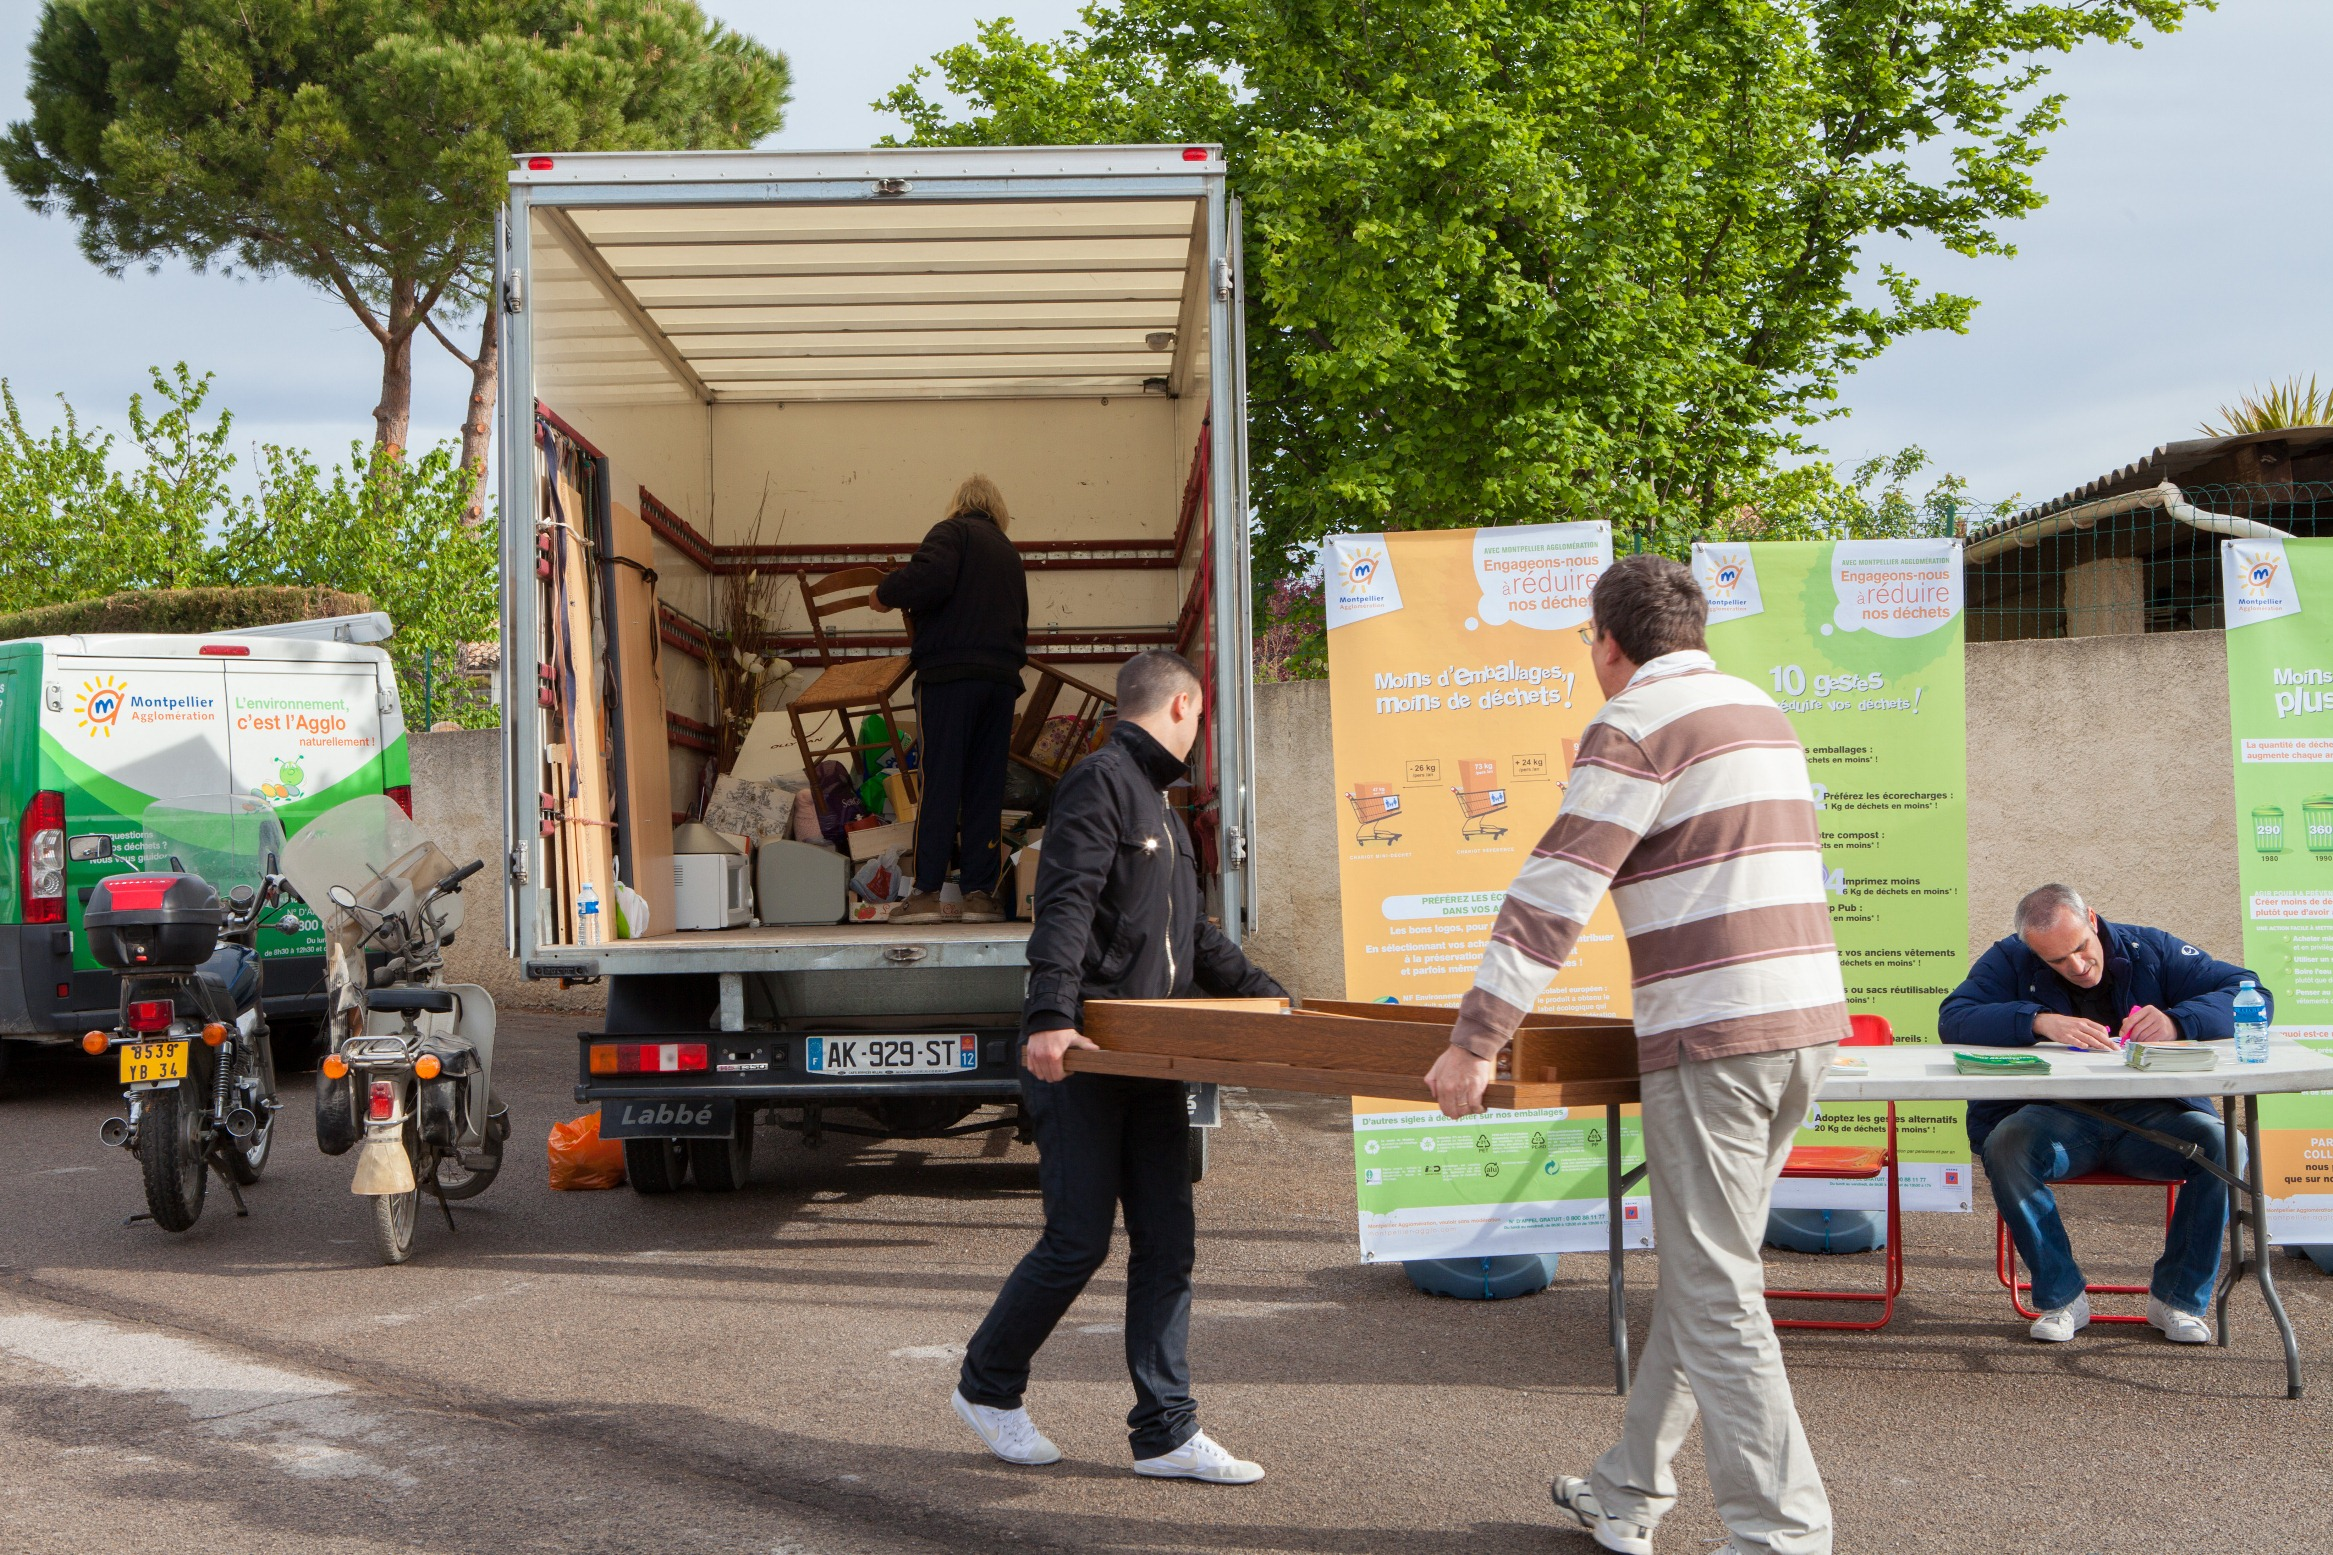 Montpellier Agglomération organise des régulièrement collectes solidaires